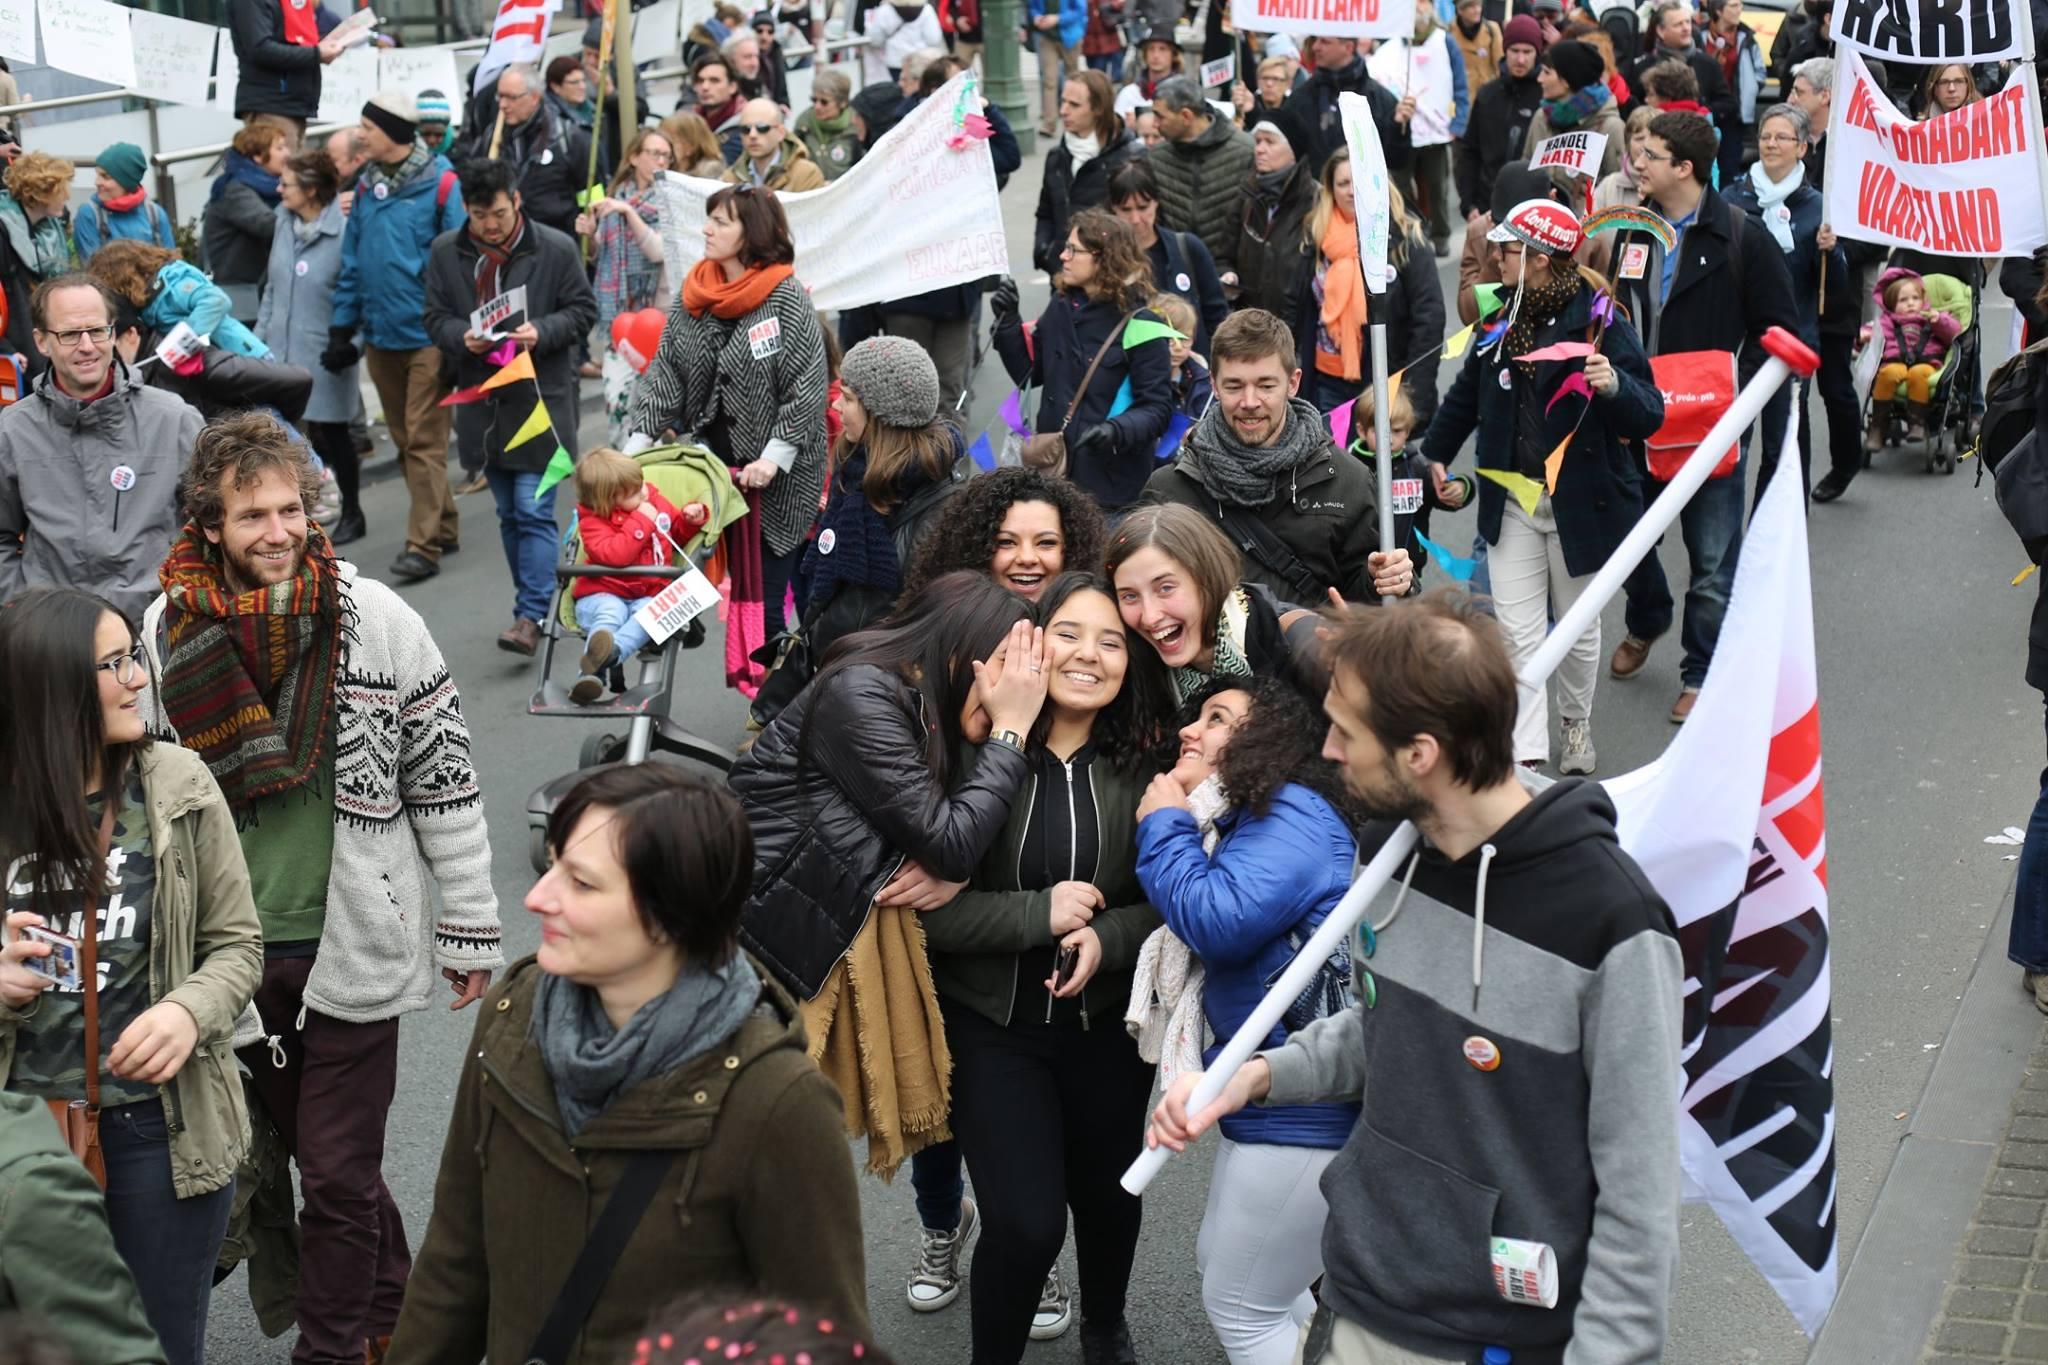 Grote Parade bevestigt breed gedragen ongenoegen en roep naar iets anders